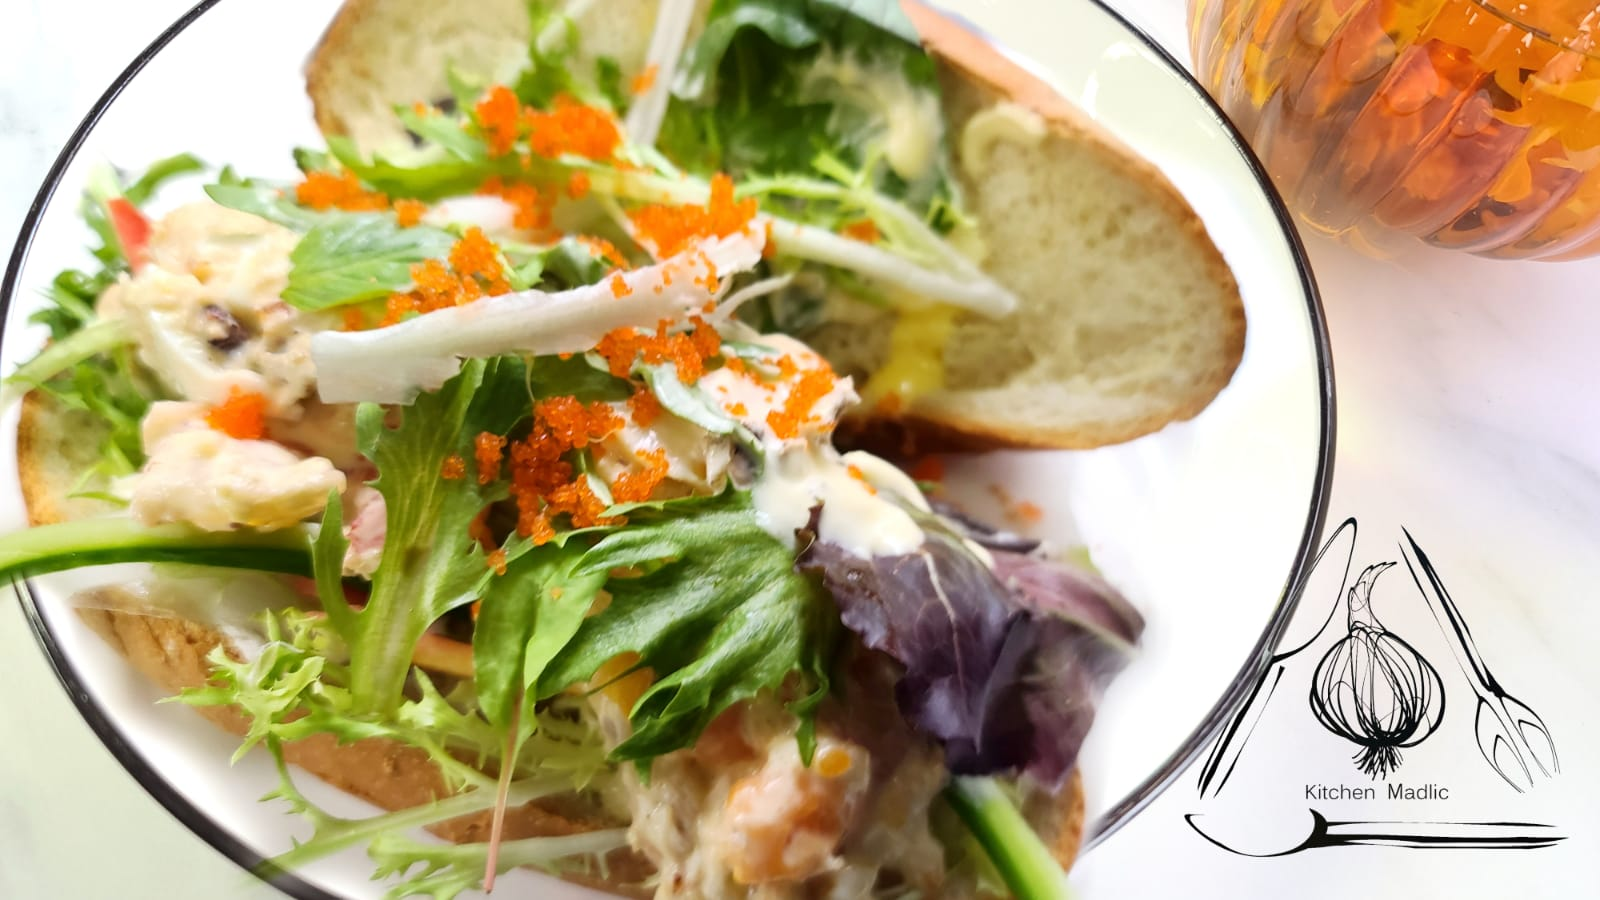 日式蟹肉蛋醬虎蝦鮑魚沙律三文治。(Kitchen Madlic提供)